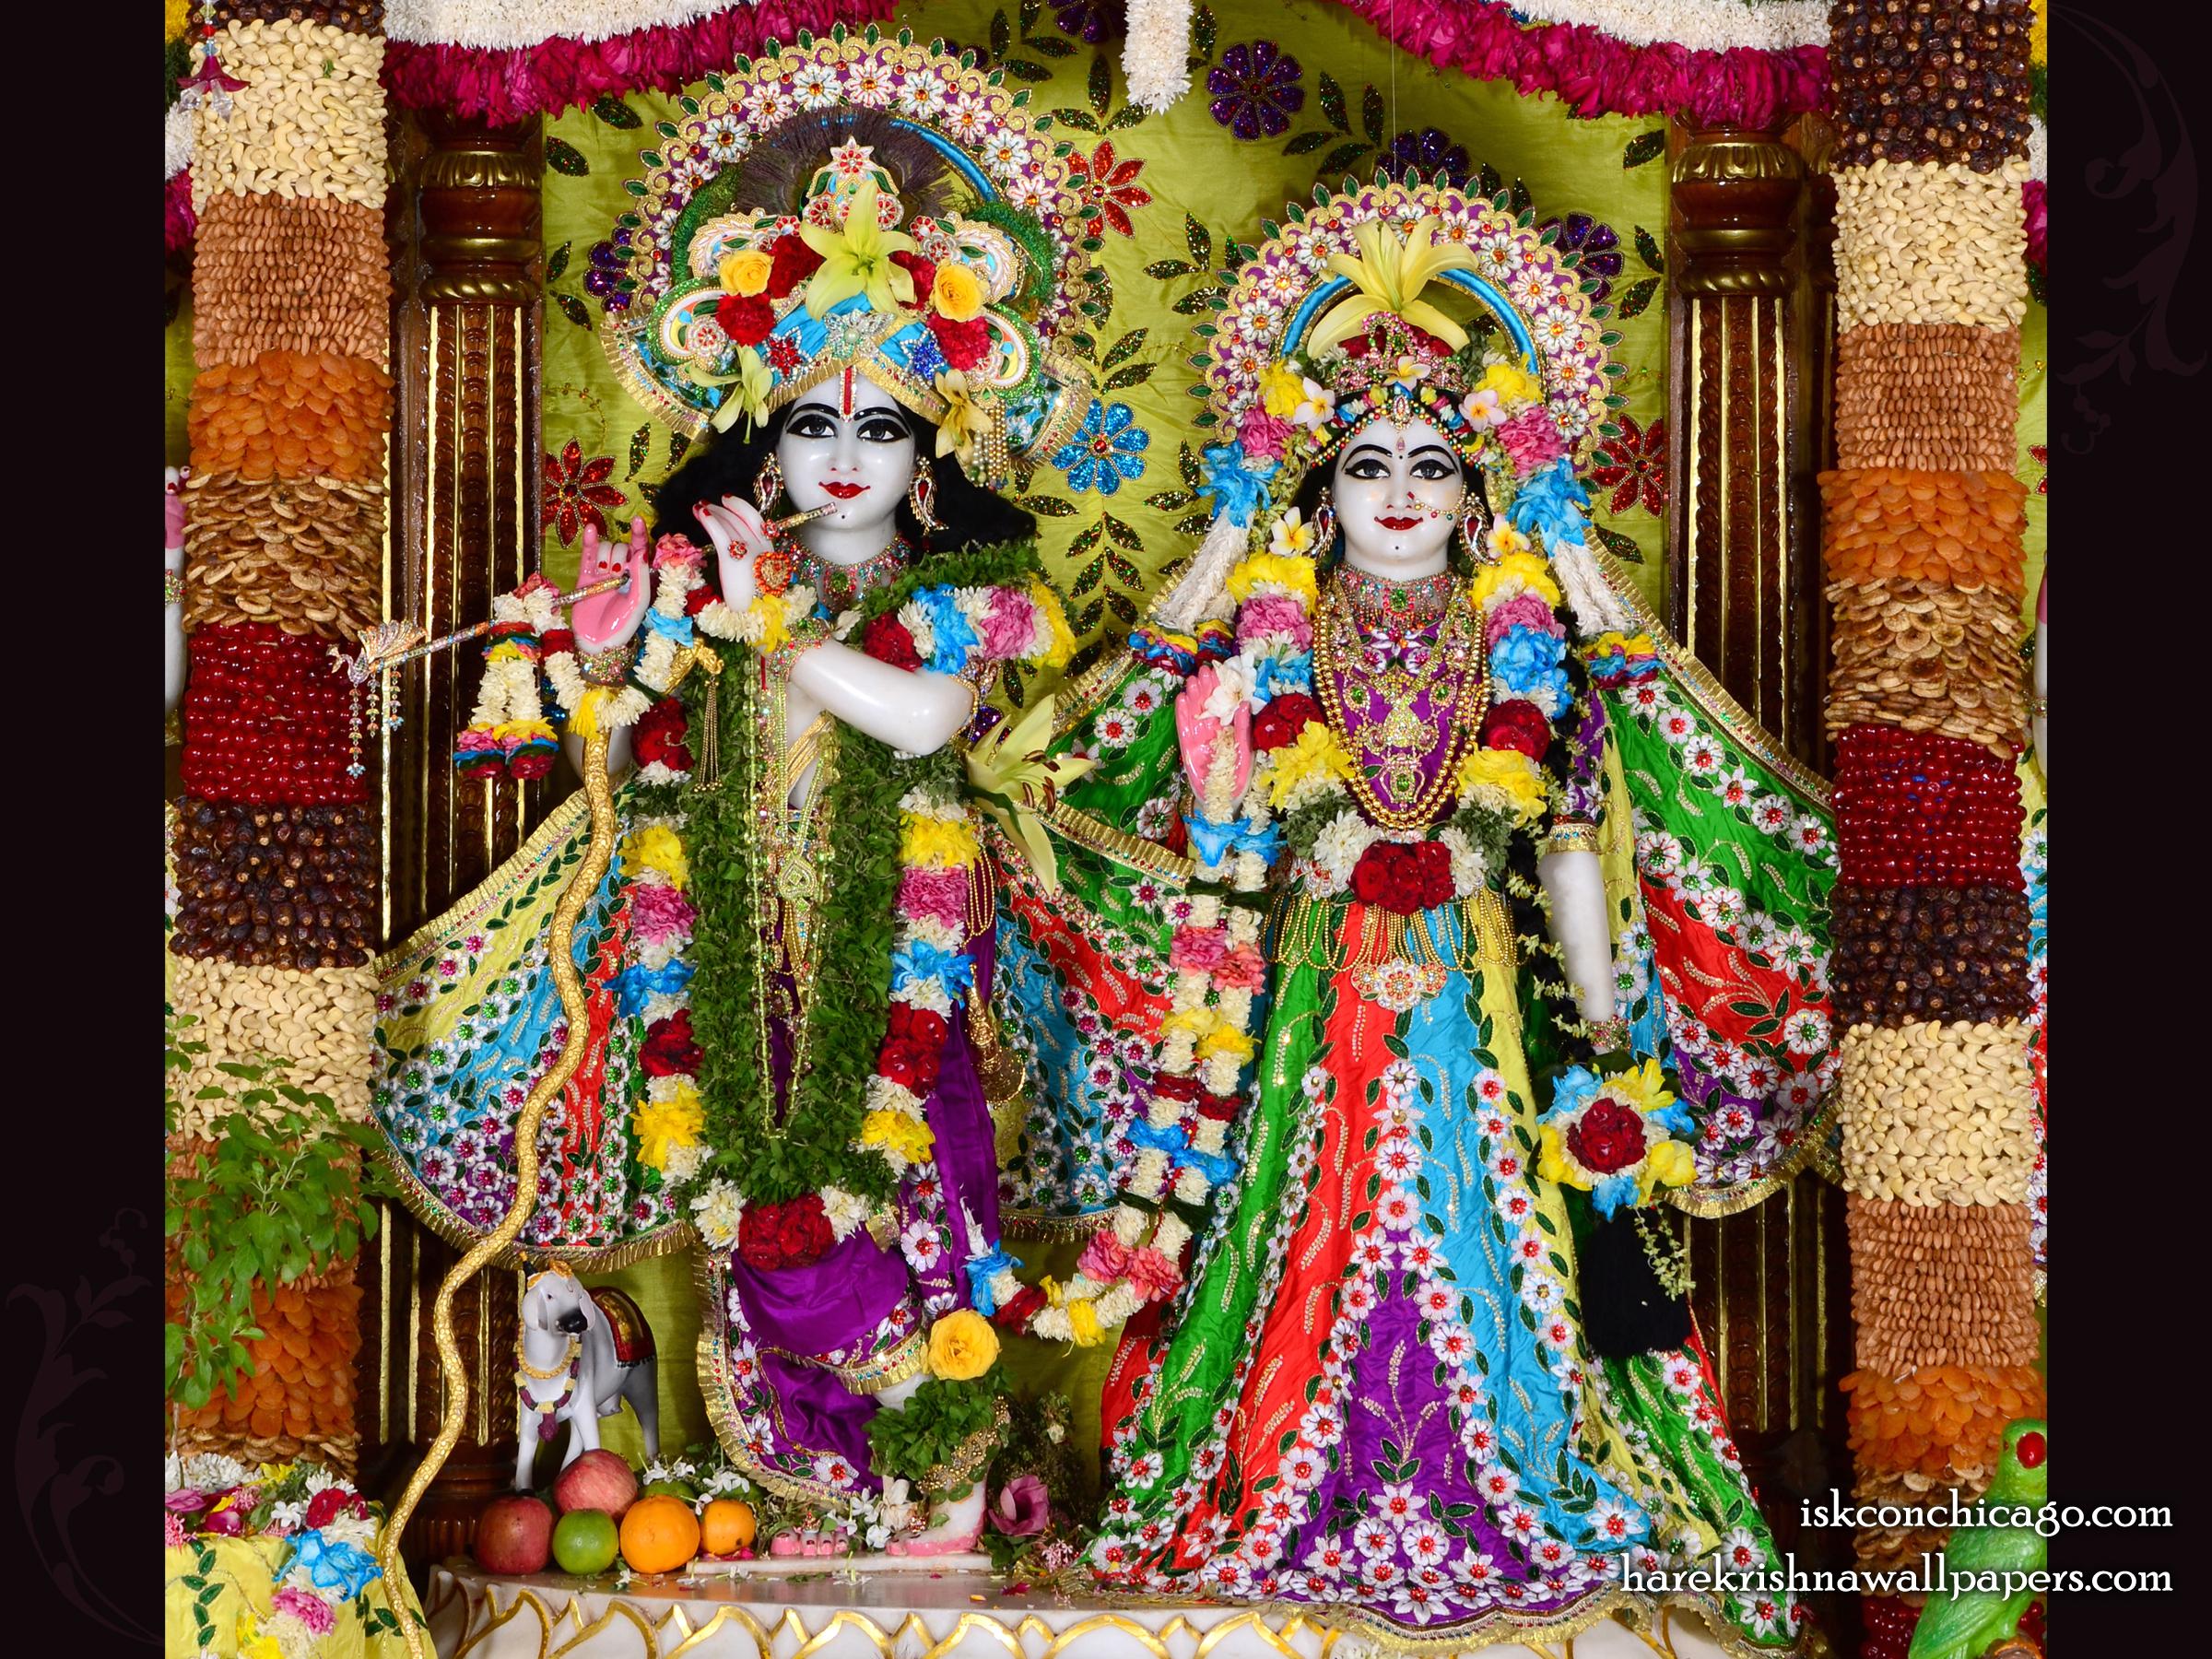 Sri Sri Radha Govinda Wallpaper (006) Size 2400x1800 Download